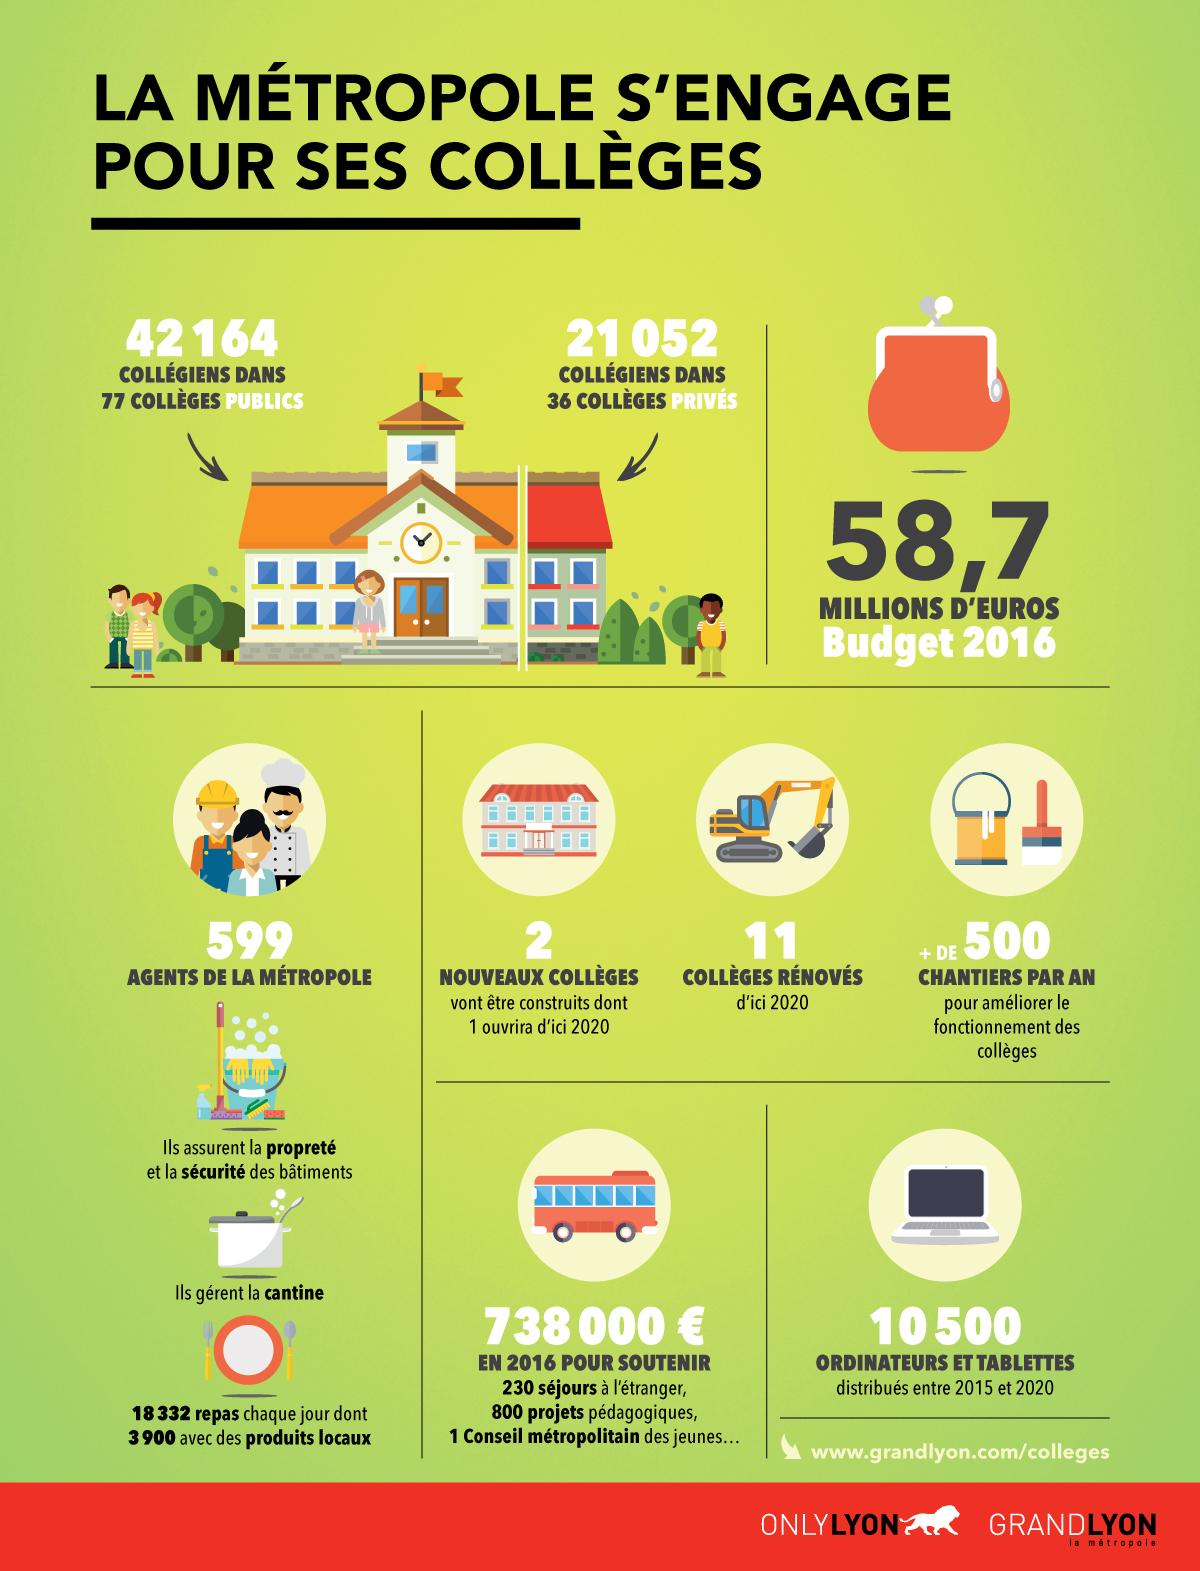 La Métropole participe au bon fonctionnement quotidien des collèges sur son territoire.